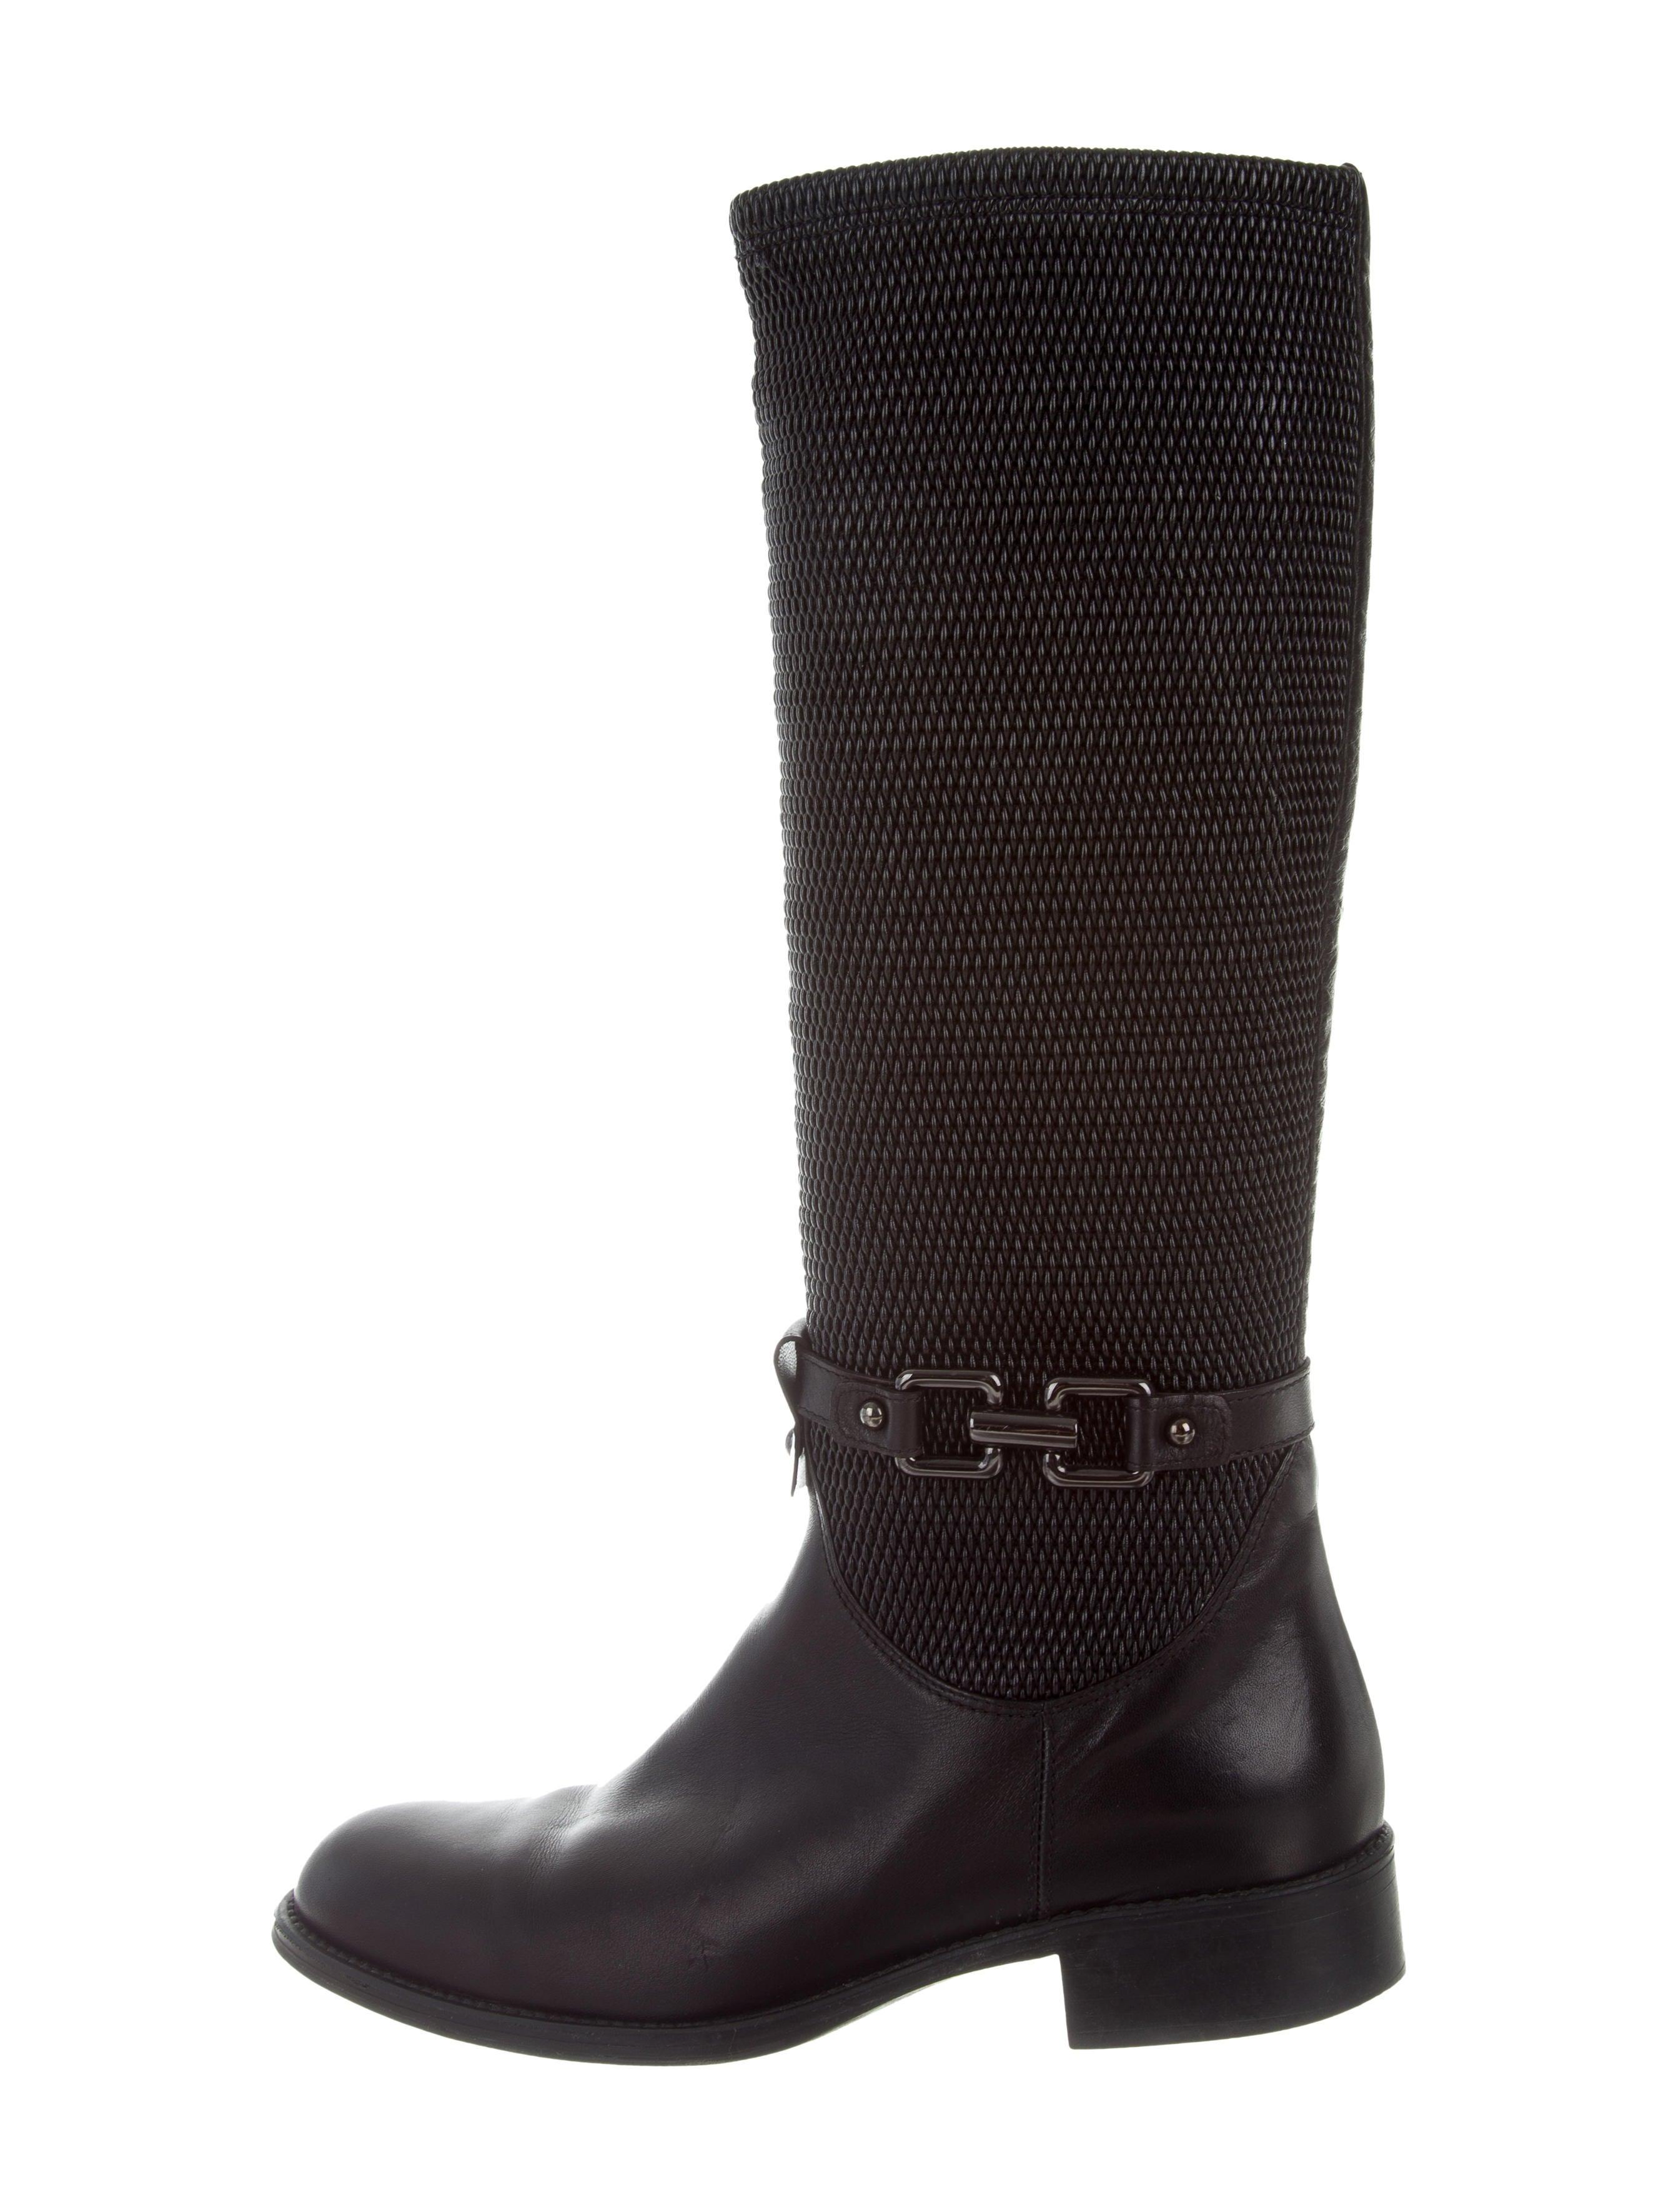 aquatalia leather knee high boots shoes waqtl20297